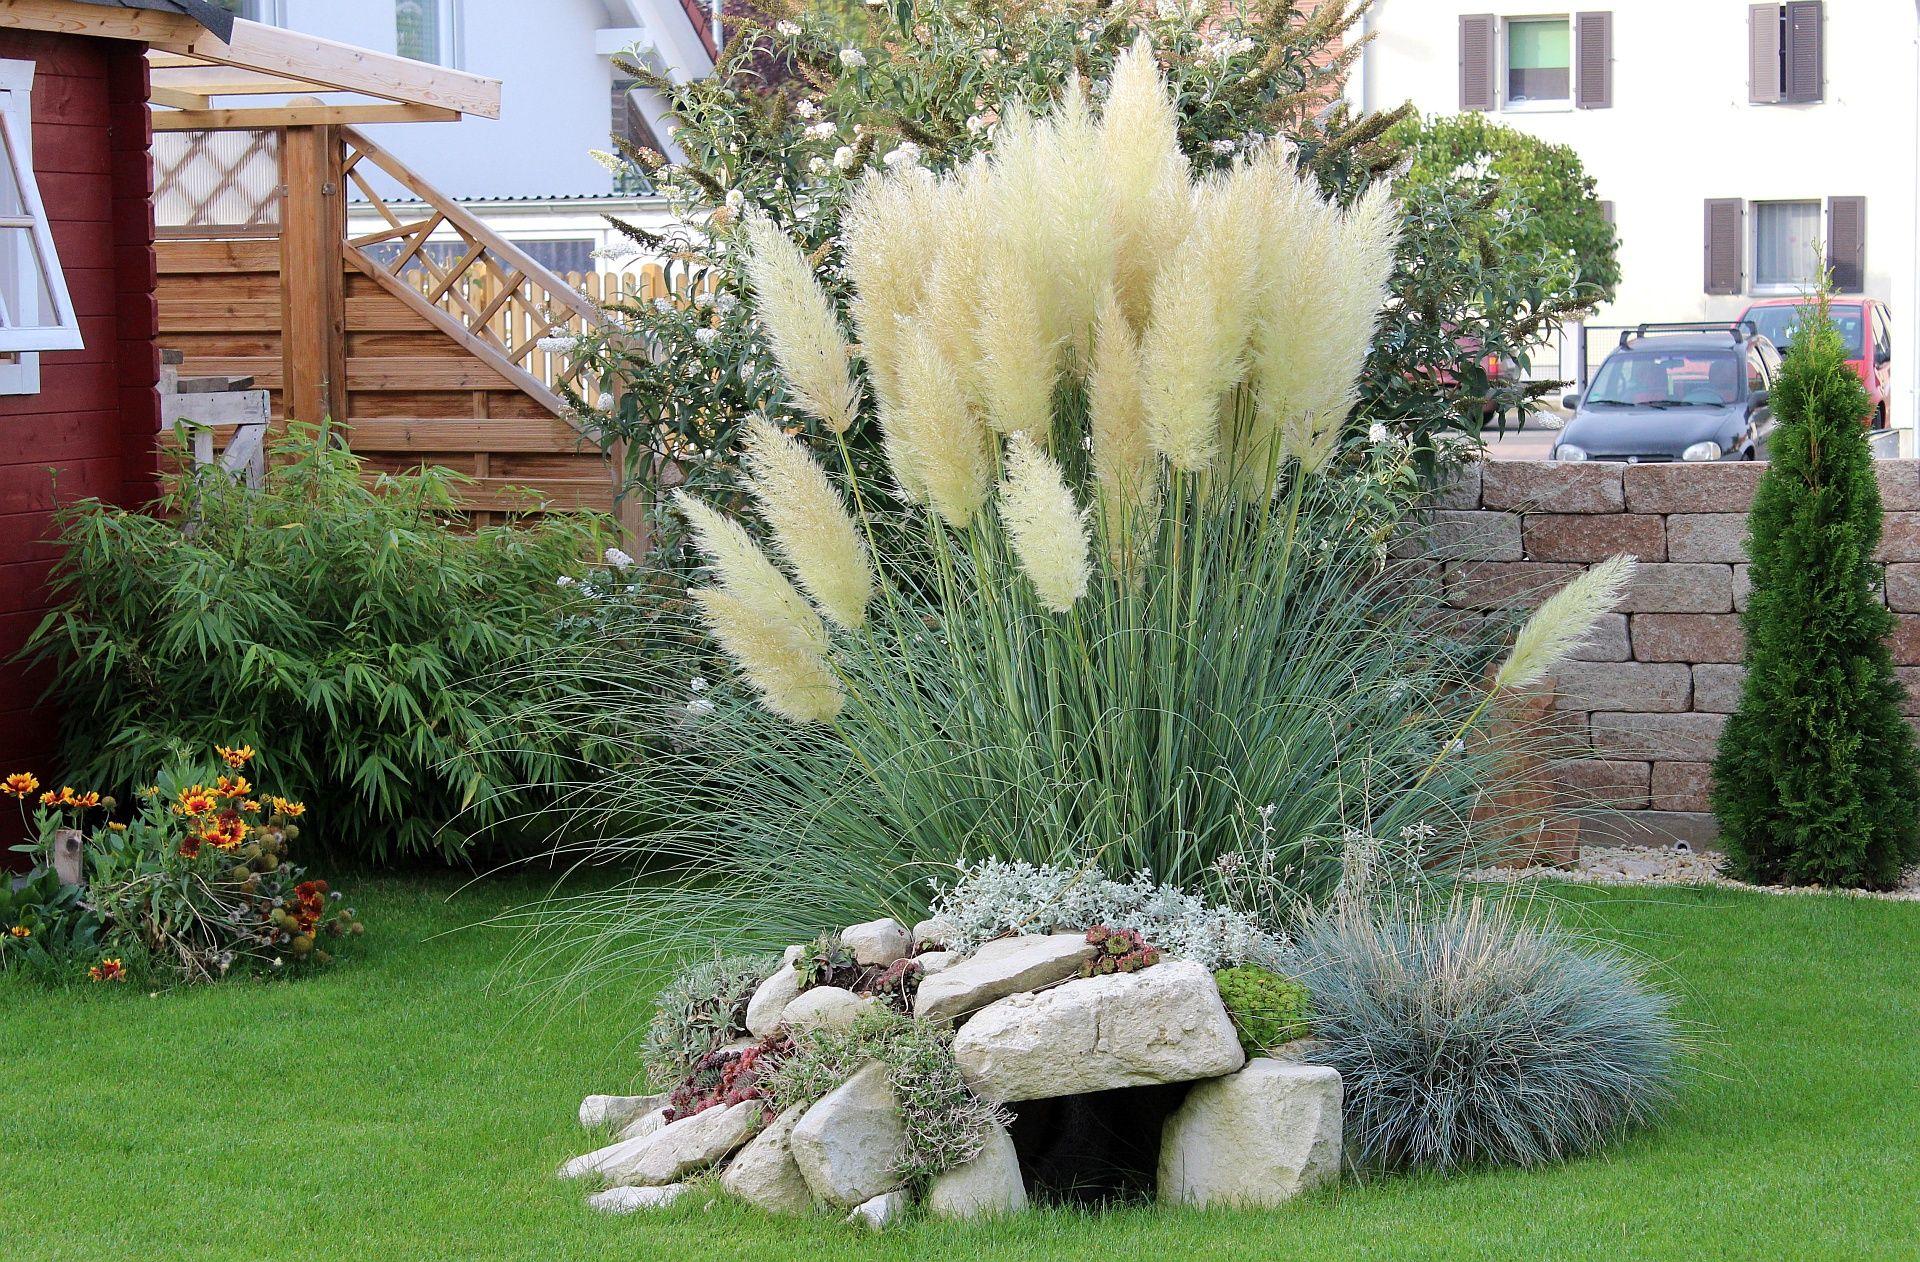 beet mit pampasgras, pampasgras | garden | pinterest | garden, plants and garden landscaping, Design ideen